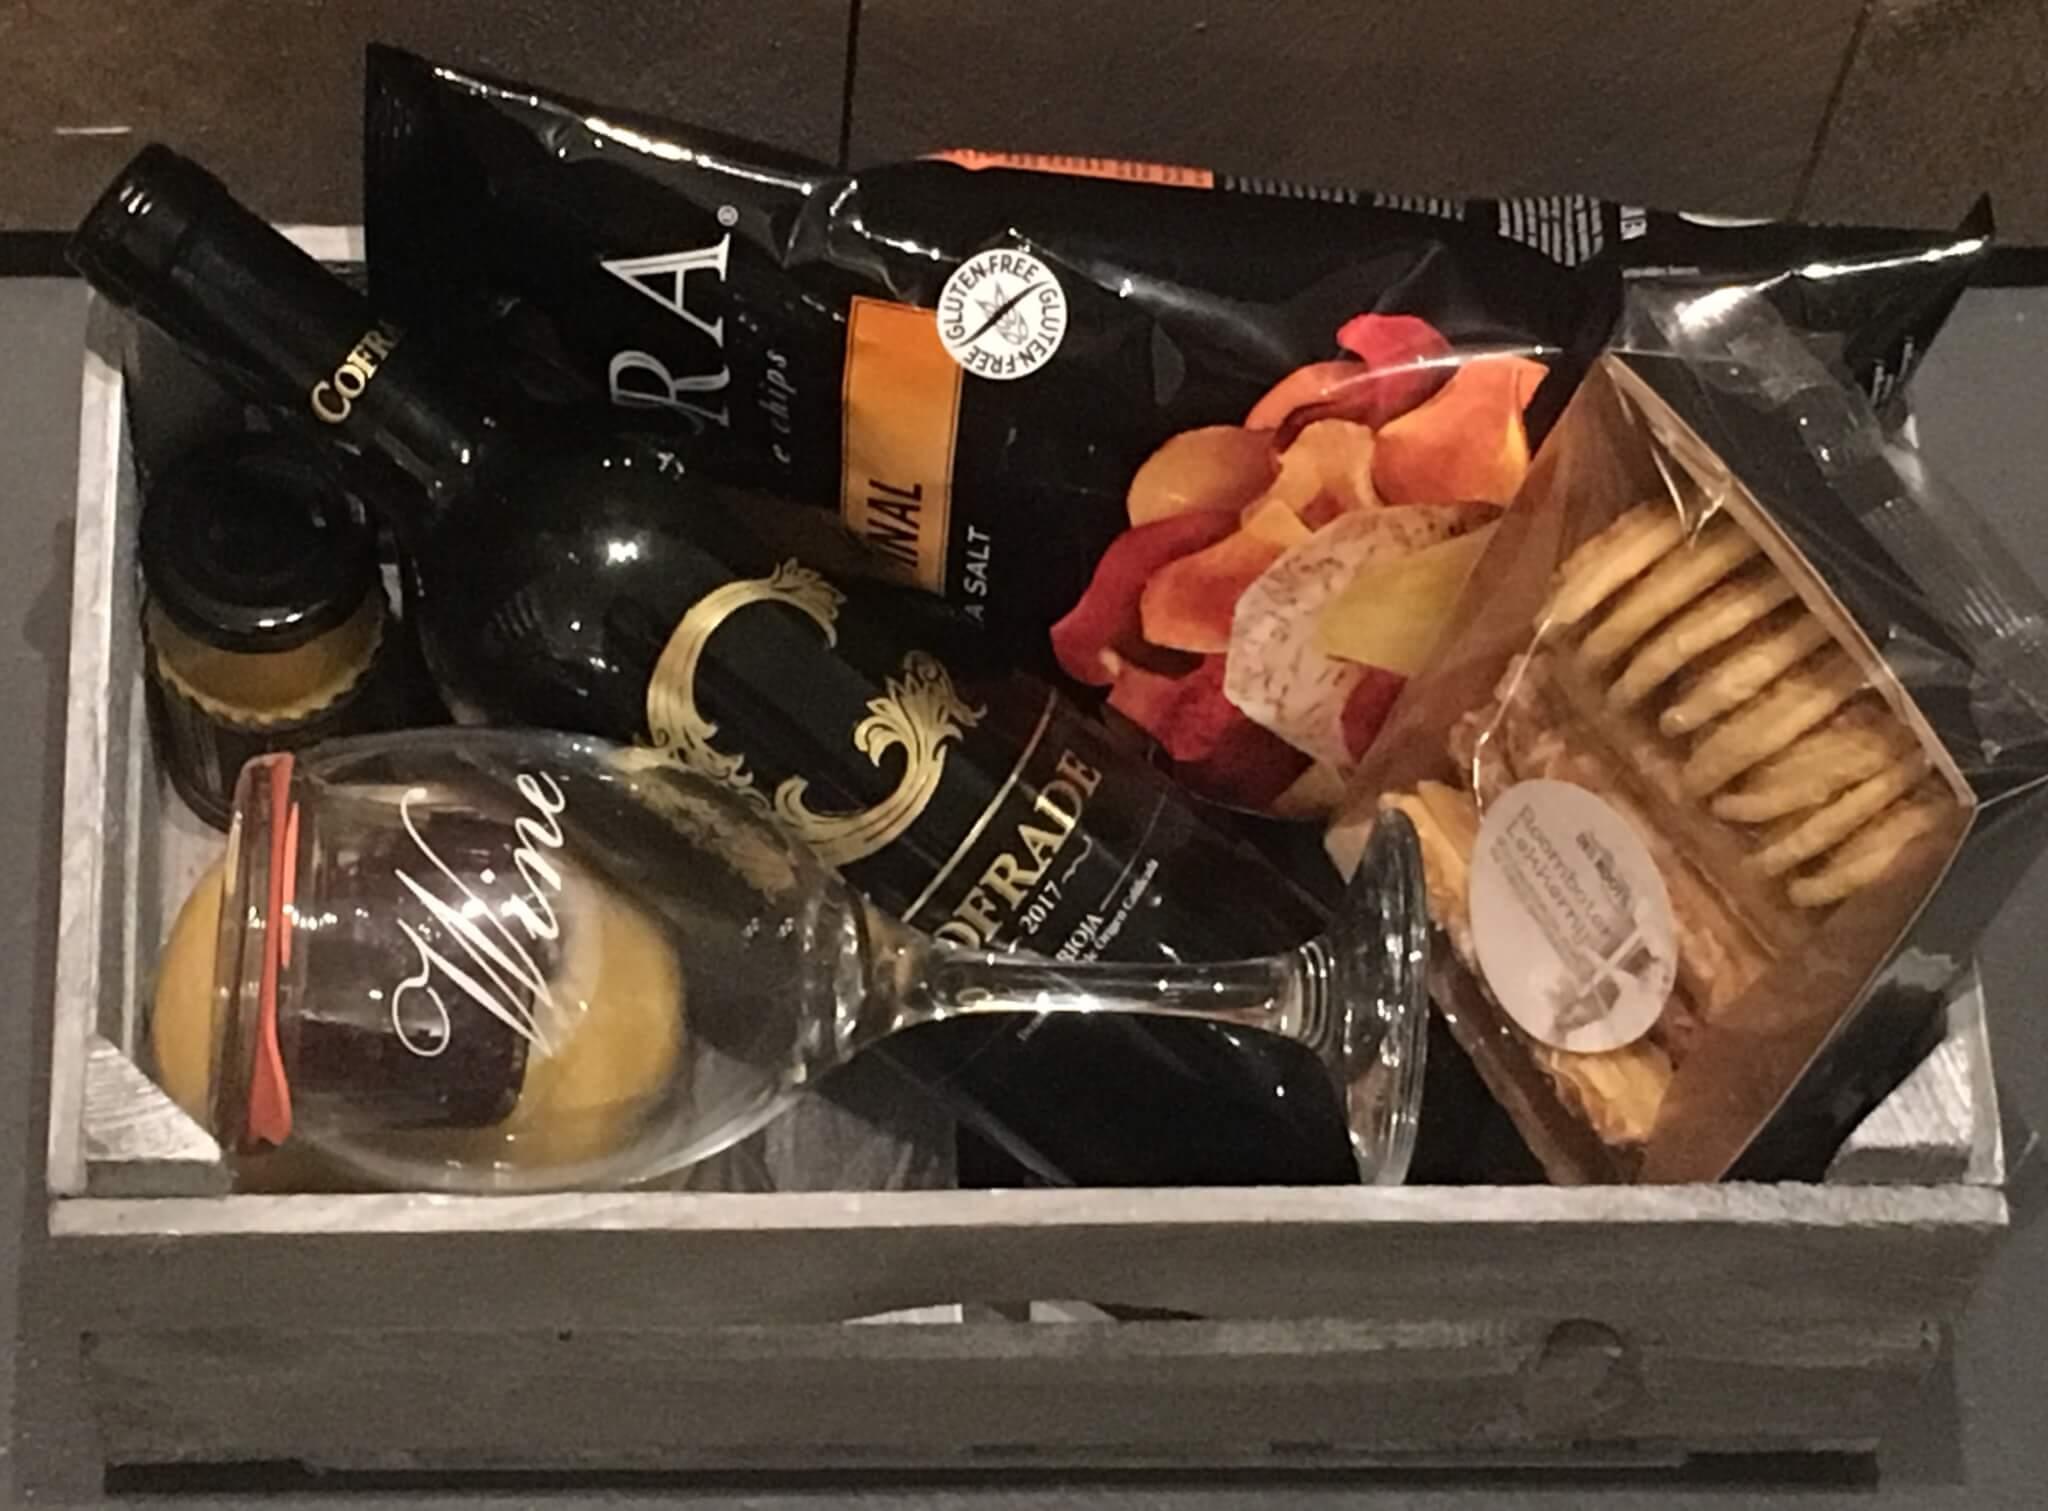 Fruitbedrijf van den Berge kerstpakketten 2018 05